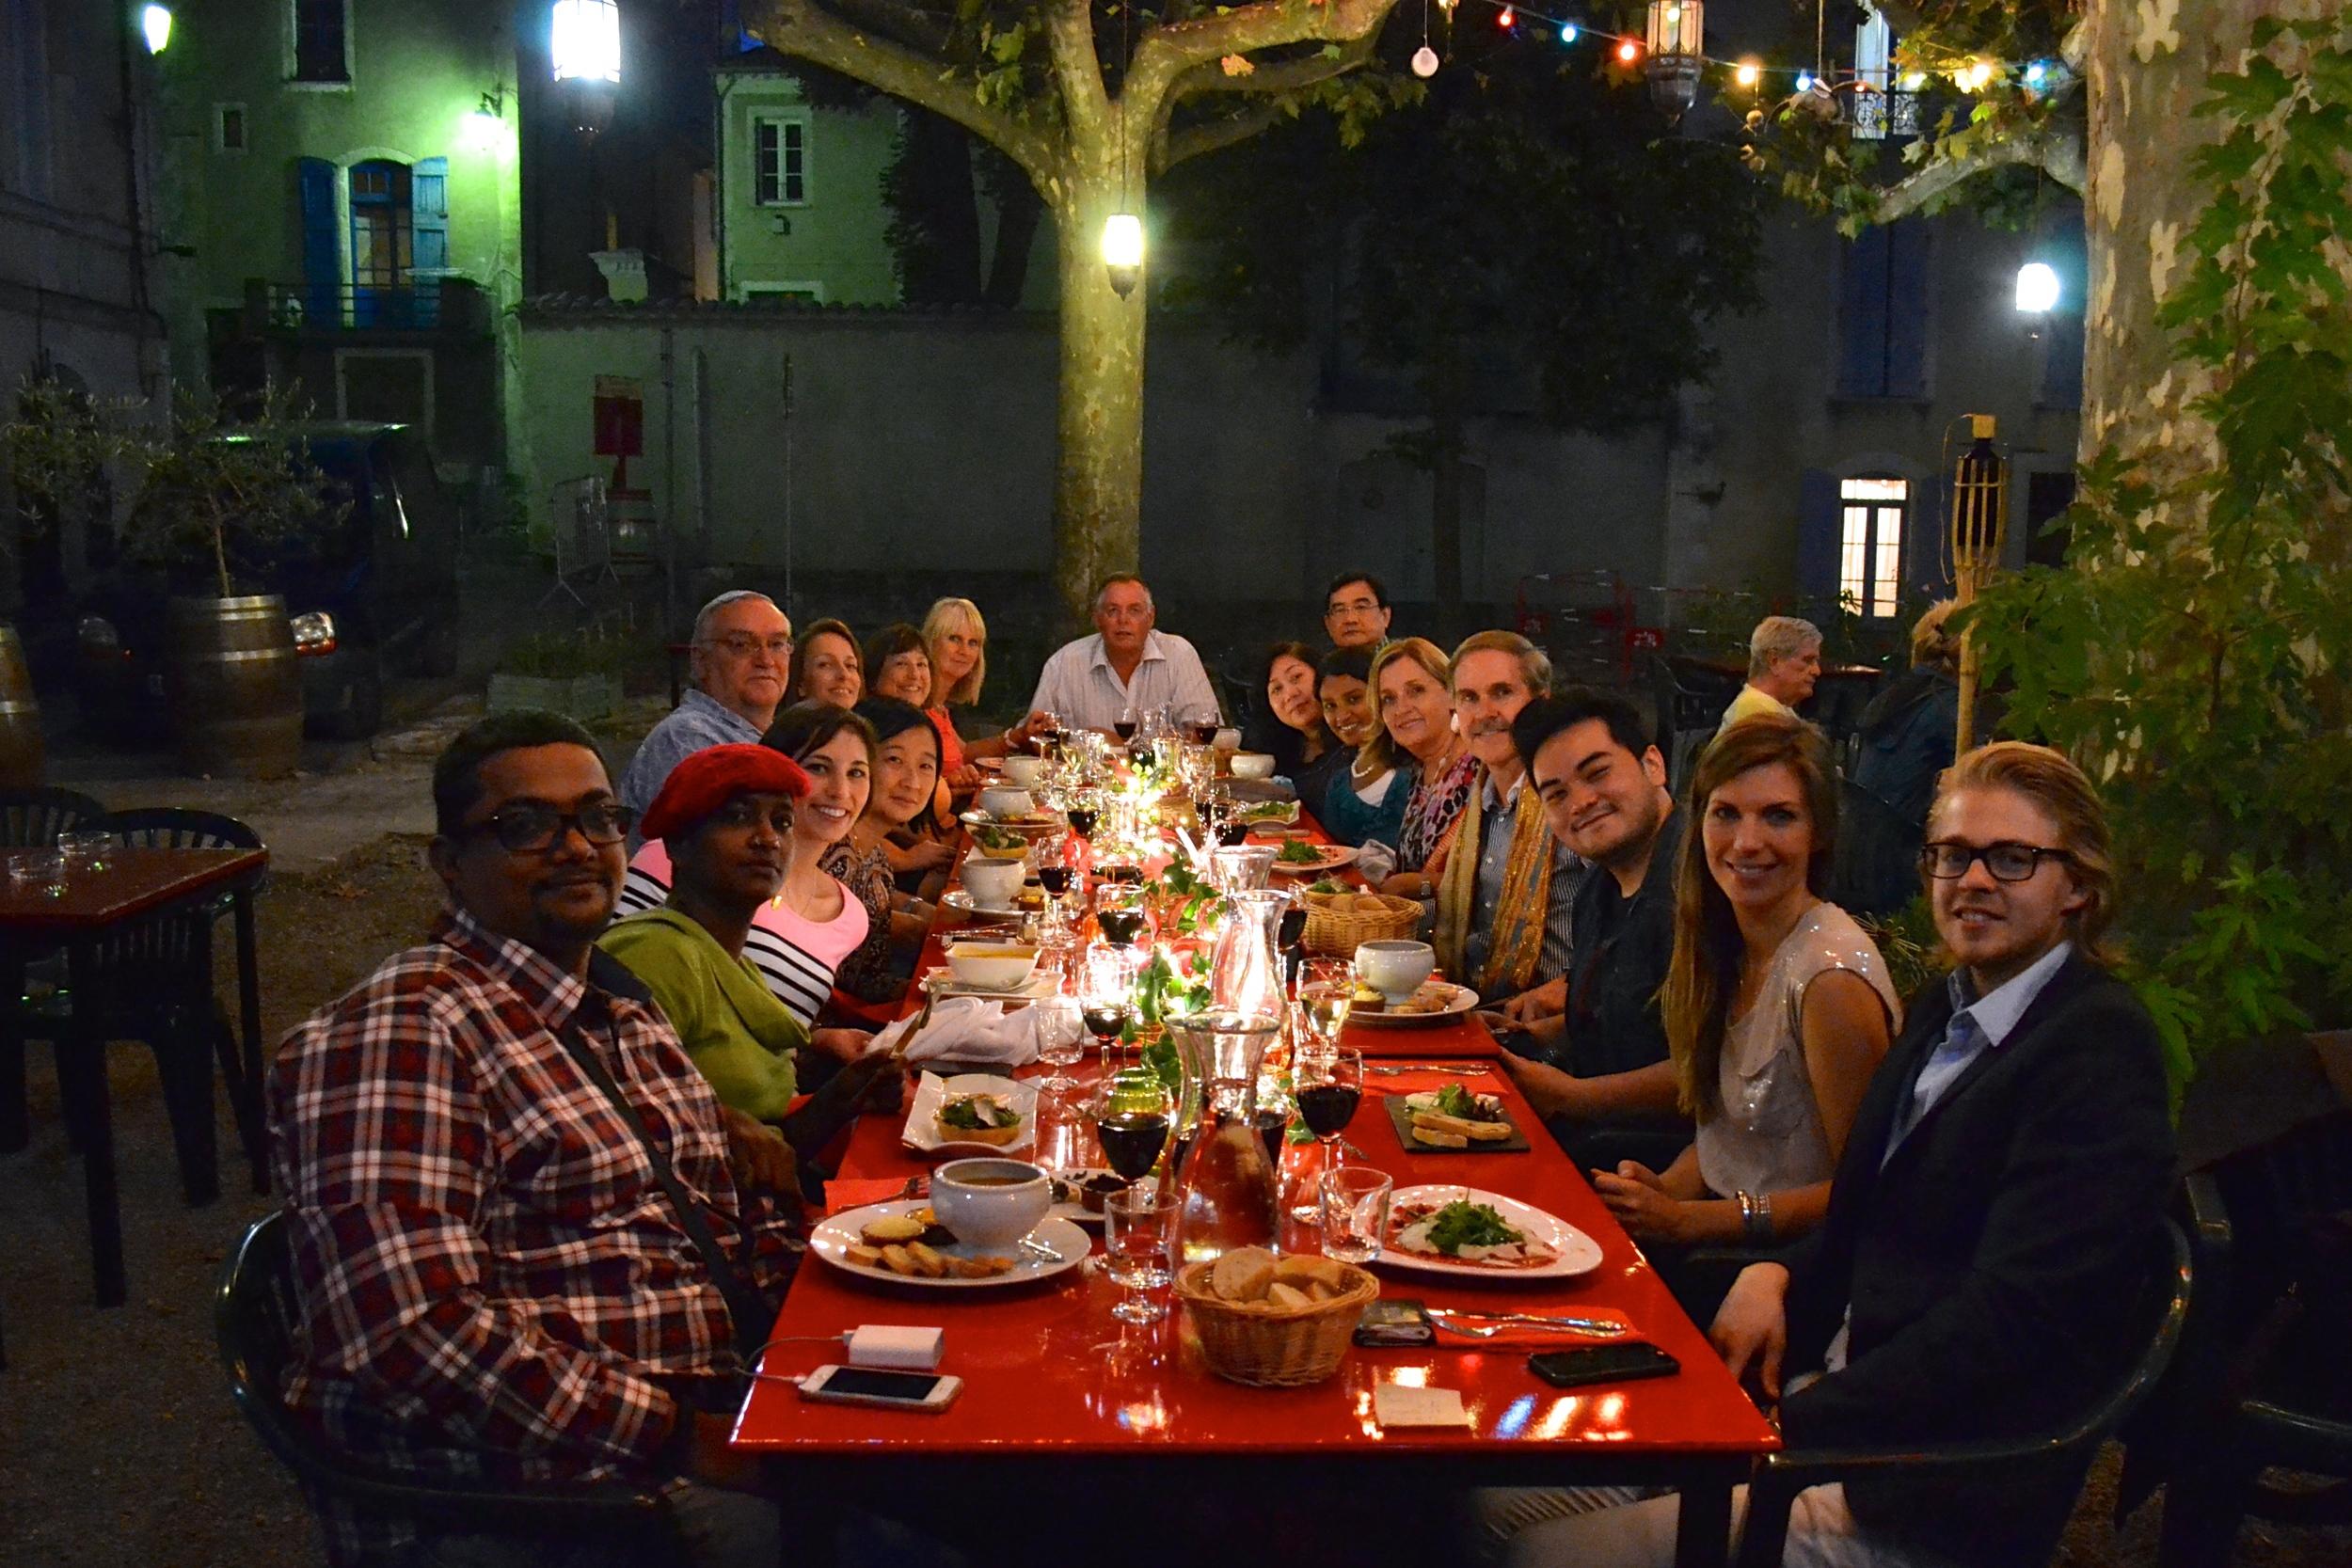 celebratory dinner in Sauve